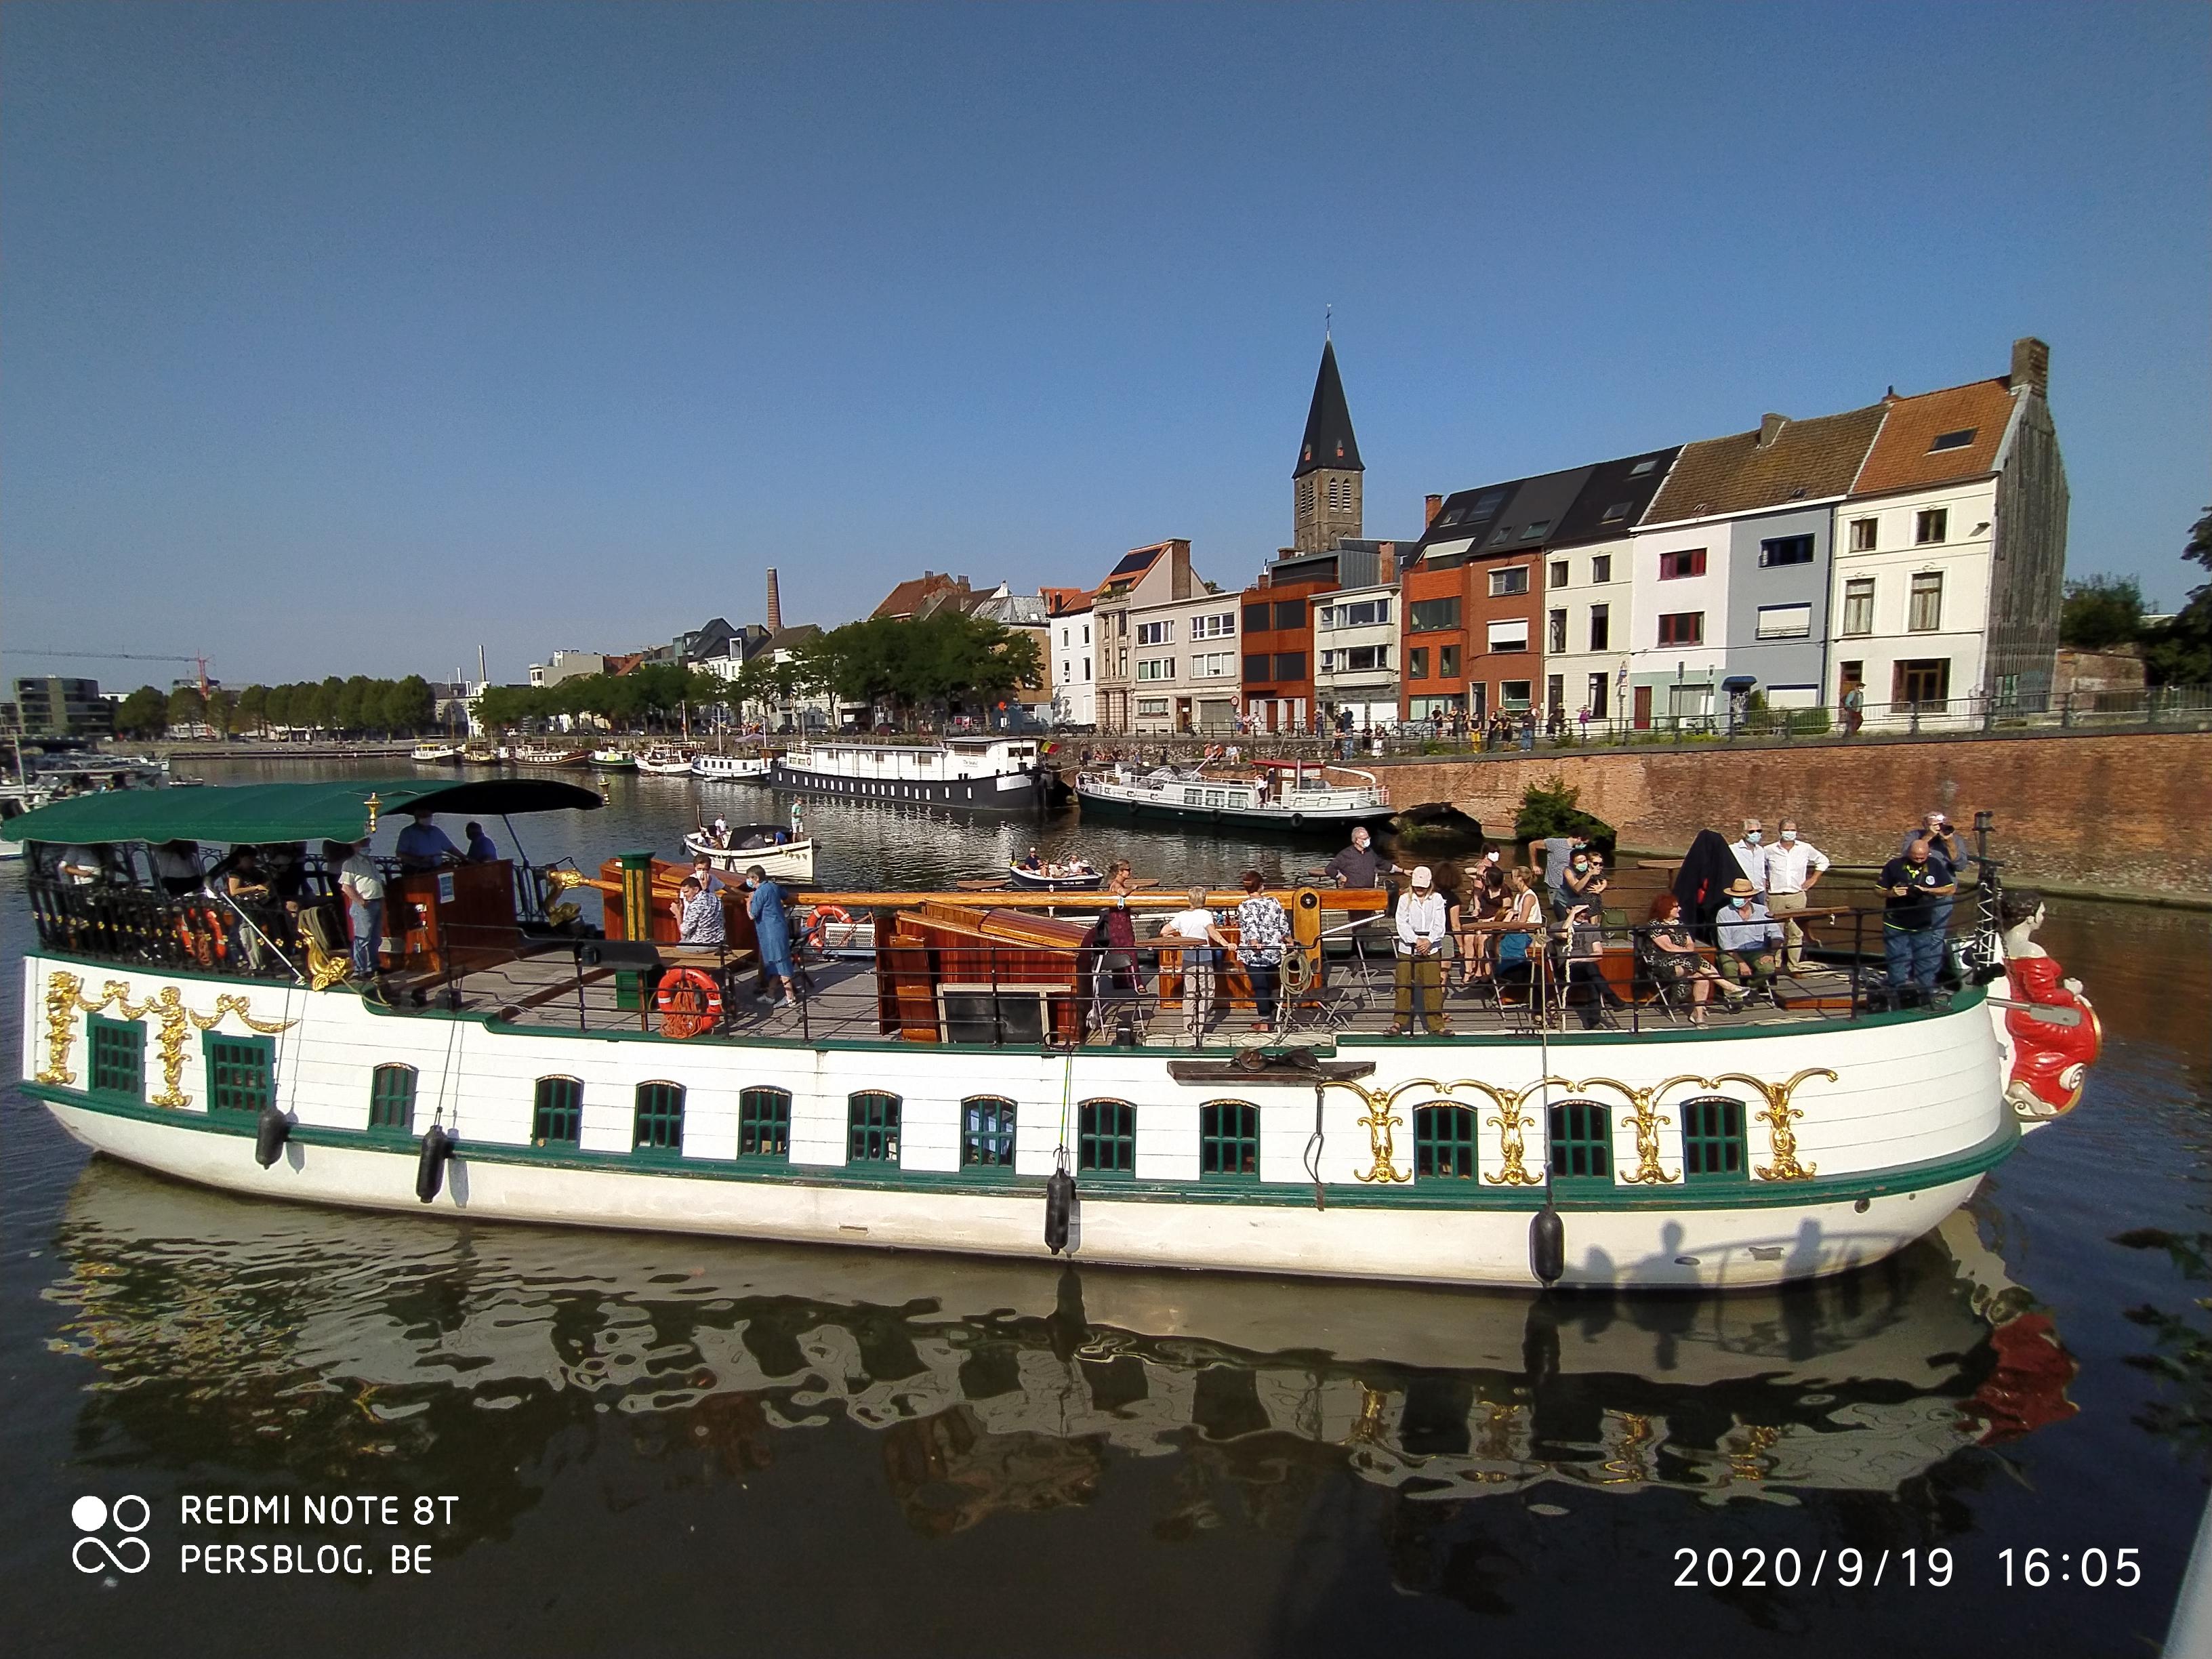 De Bargie – Voorloper van de trein tussen Gent en Brugge